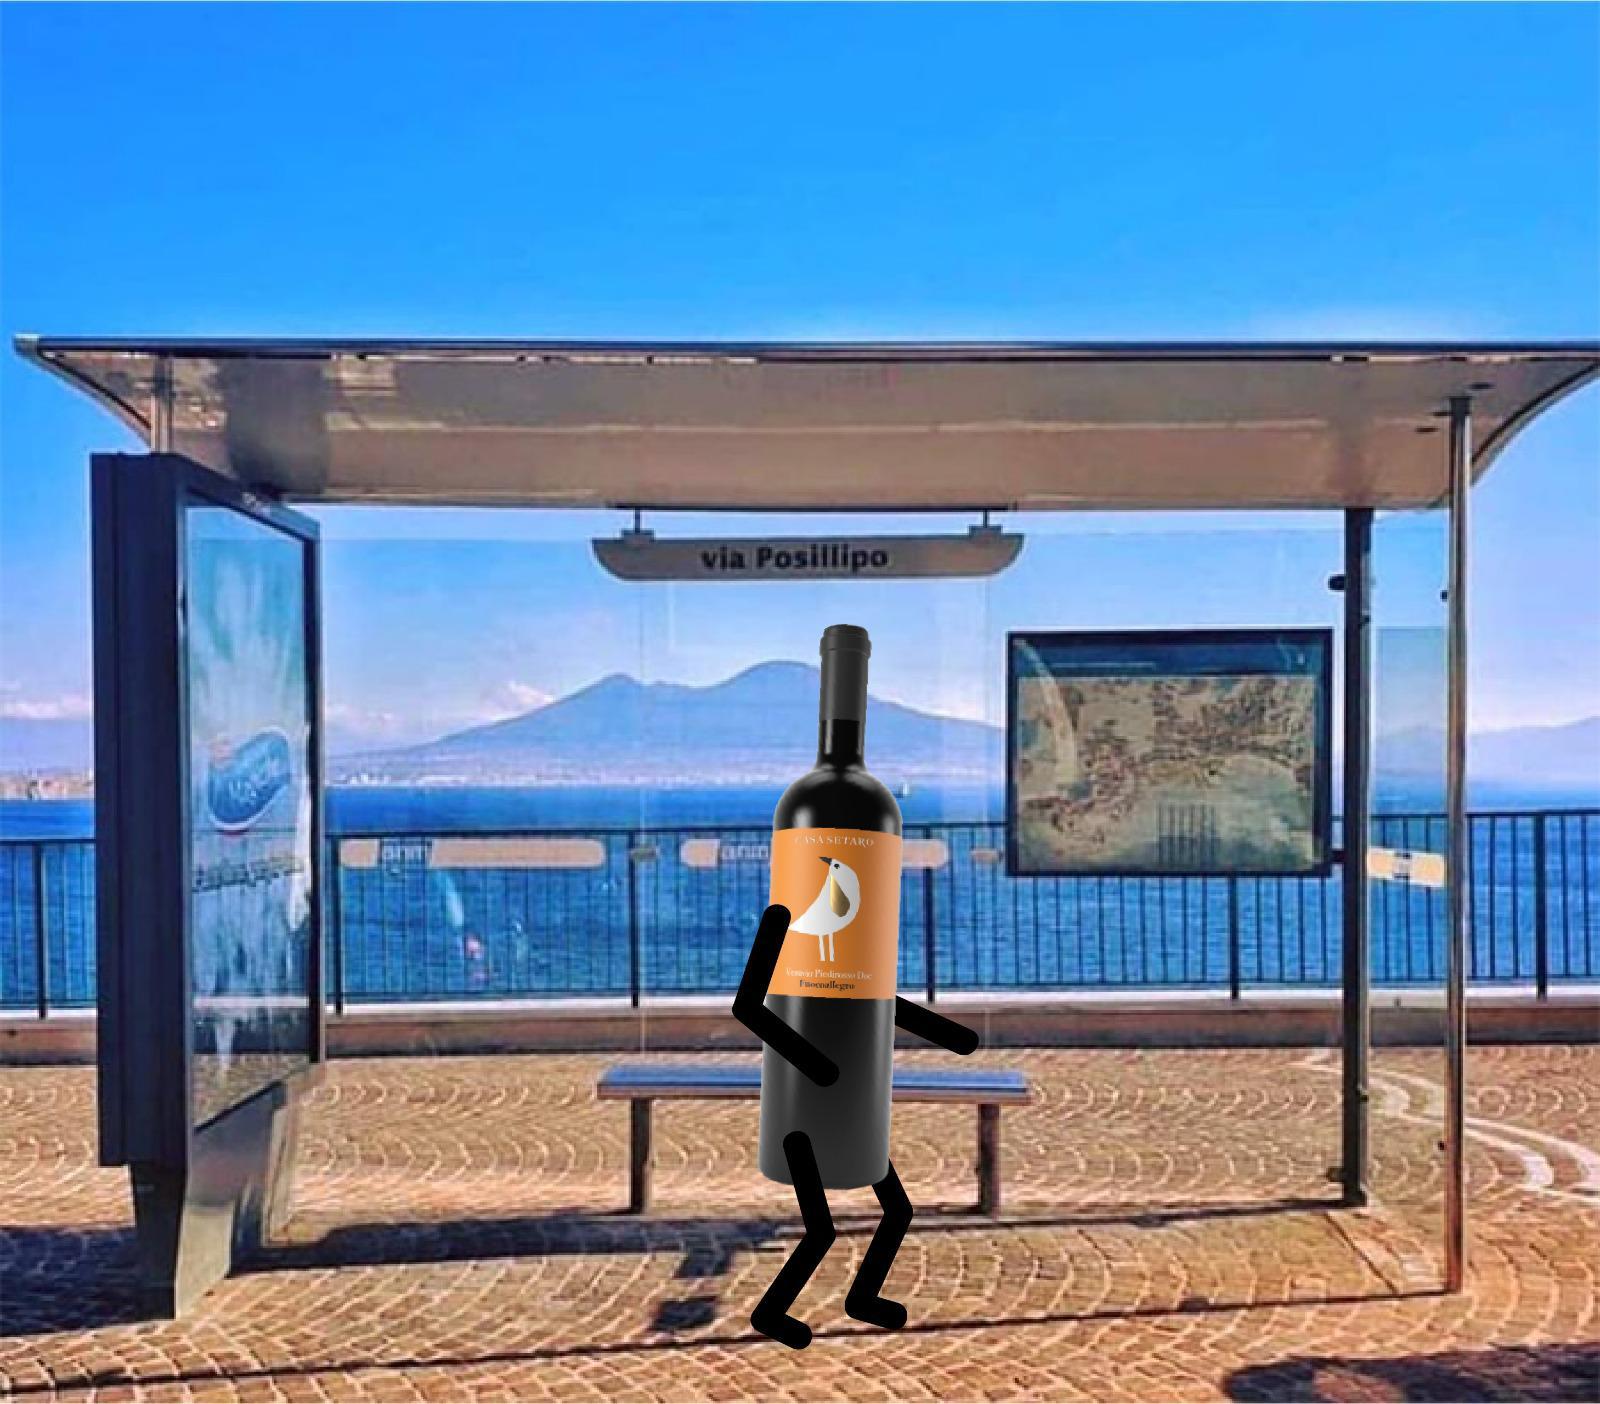 #Bottiglieapiedi, splendida iniziativa di Casa Setaro